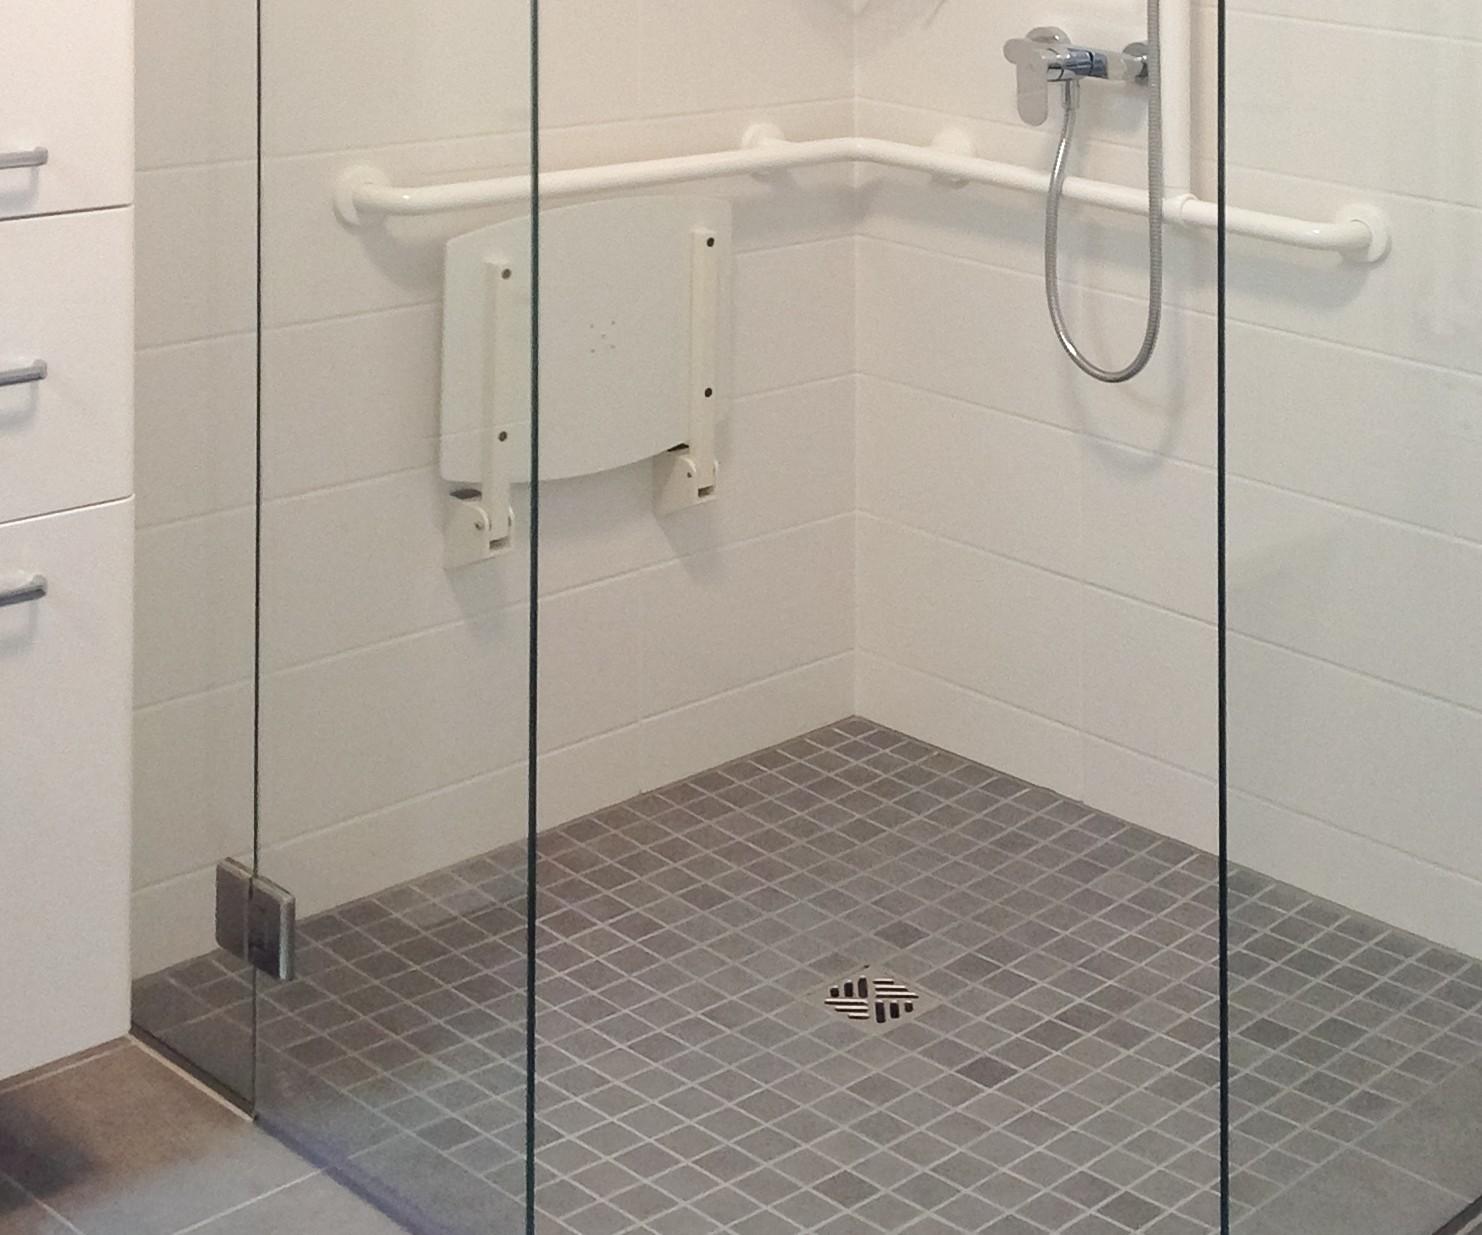 Full Size of Bodenebene Dusche Bodengleiche Duschen Bei Glasprofi24 Kaufen Begehbare Thermostat Siphon Einbauen Glastrennwand Ebenerdig Walkin Bluetooth Lautsprecher Wand Dusche Bodenebene Dusche